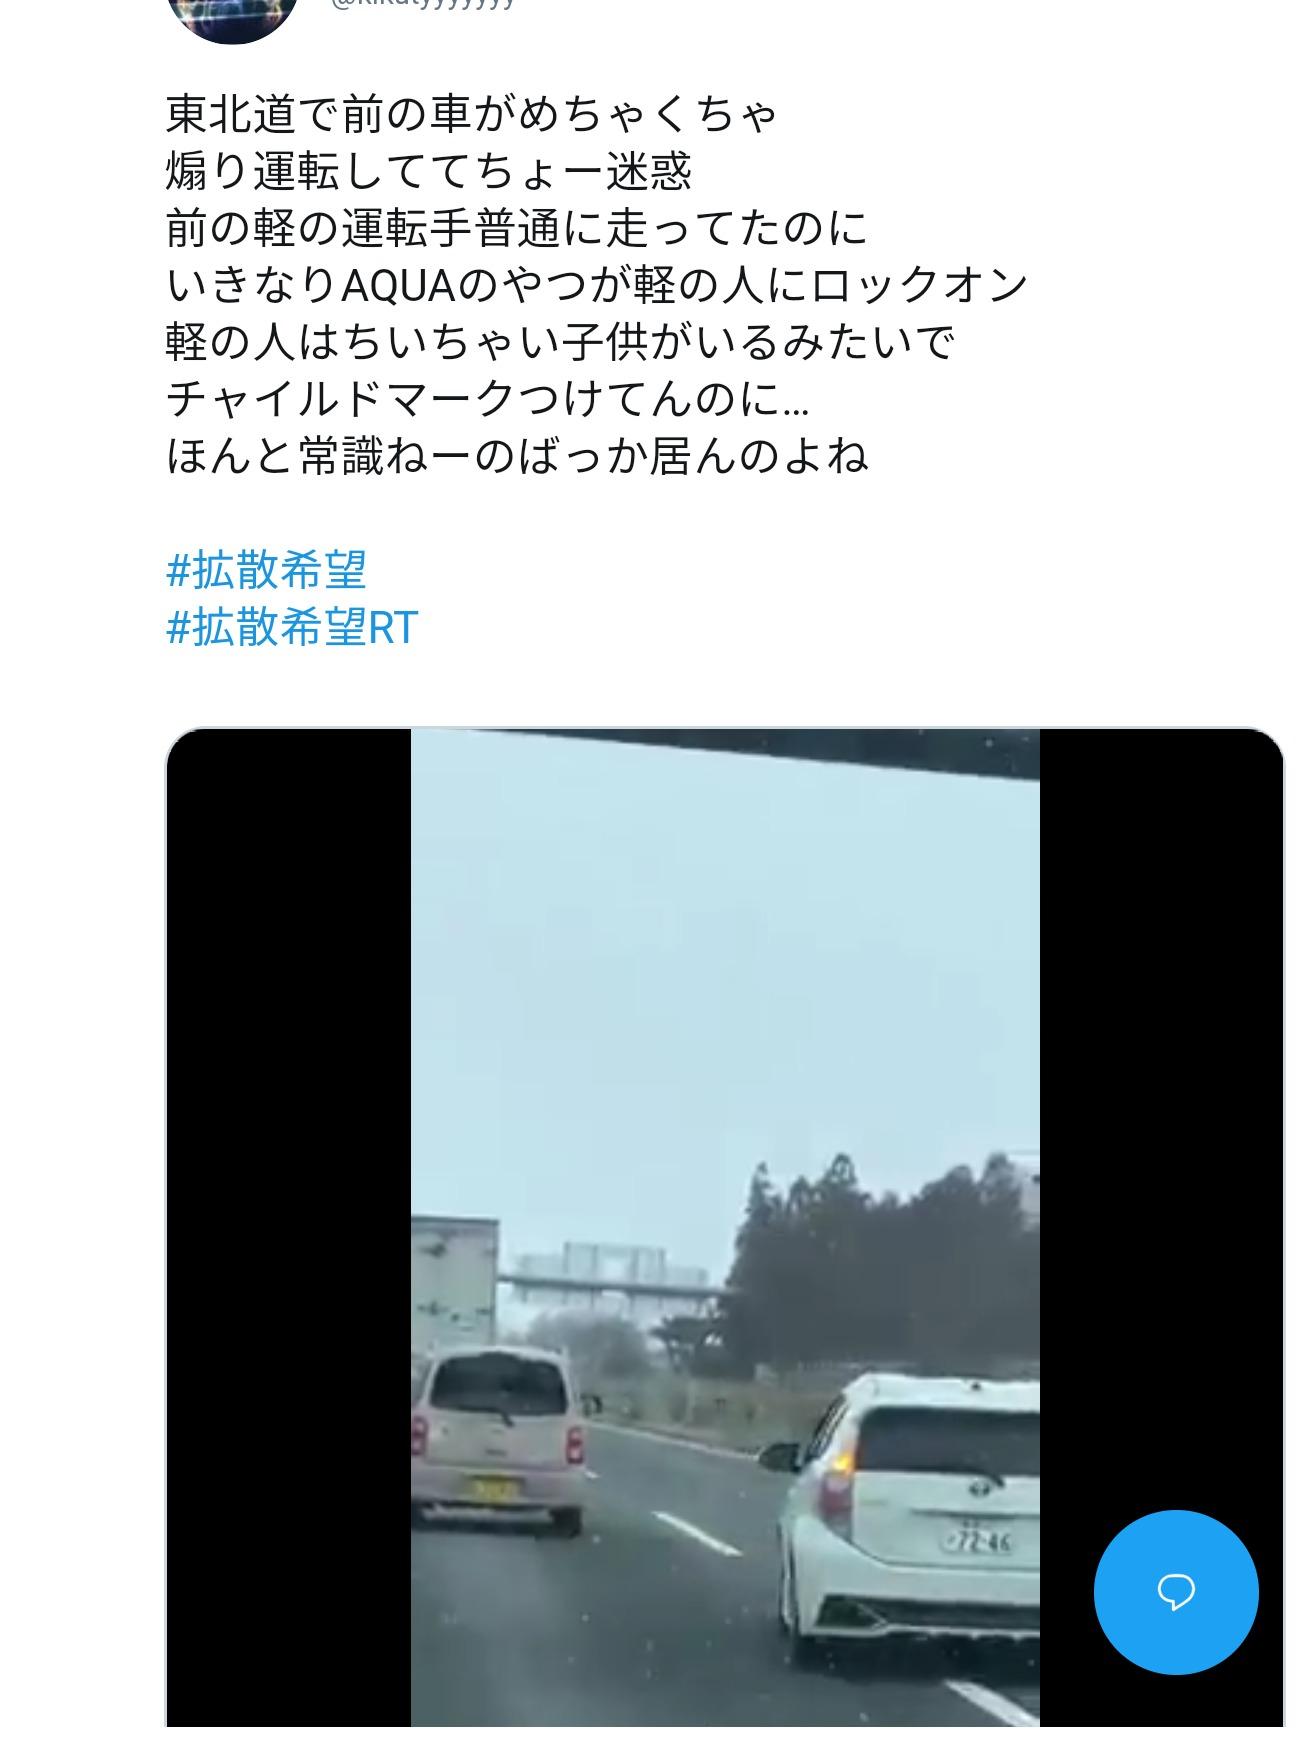 【動画】雪もちらつく東北道で軽自動車を煽るマジキチ野郎をご覧下さい